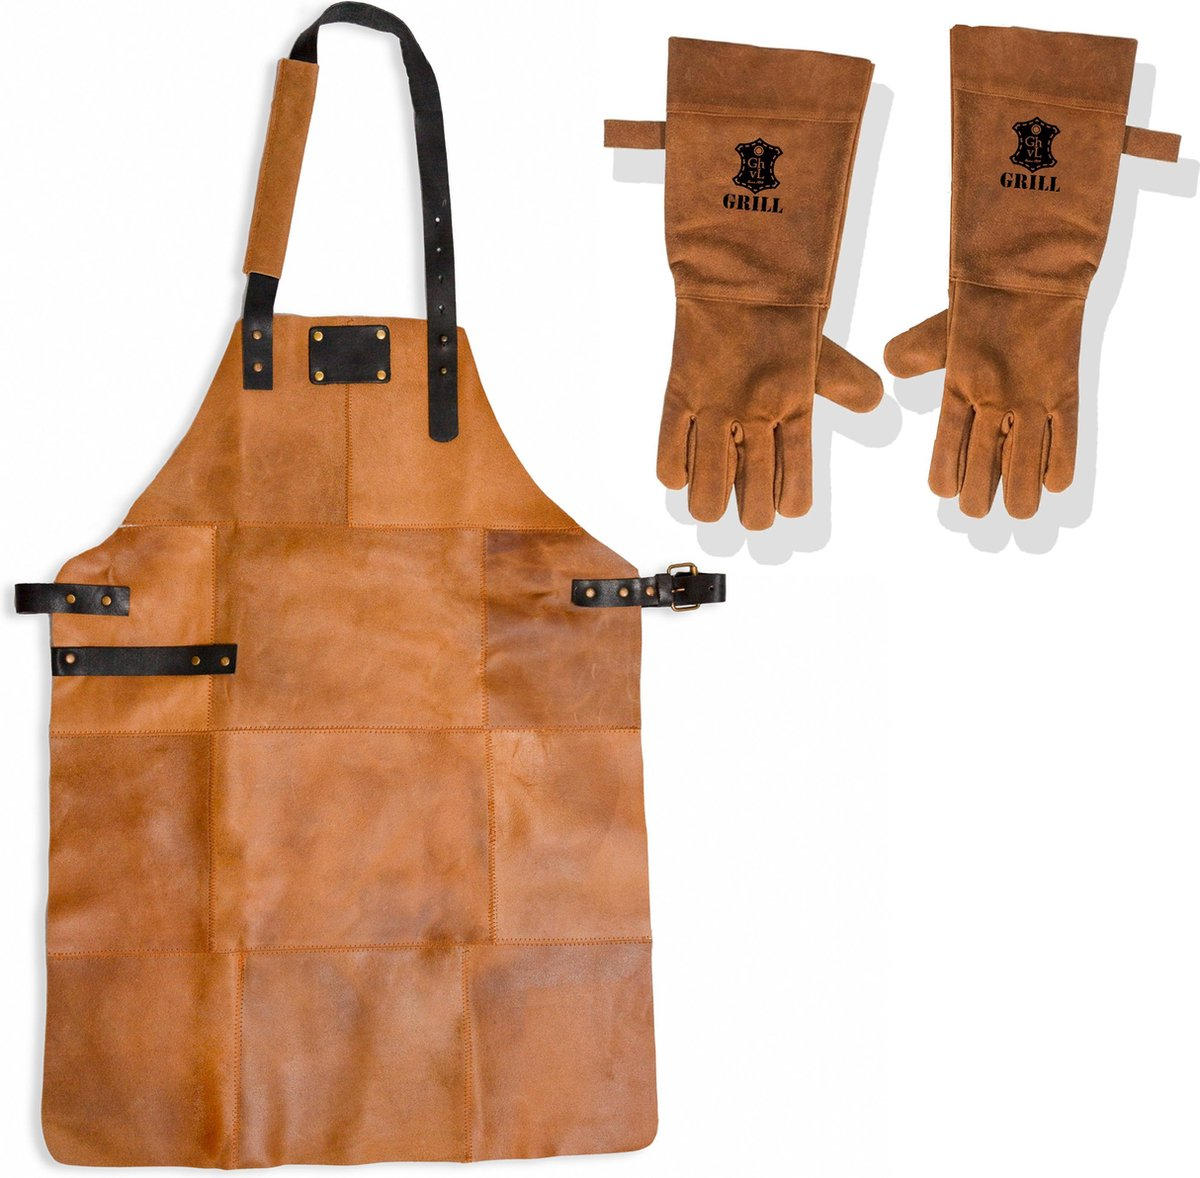 Leren Schort met Handschoenen - Licht Bruin   Soepel Leer - Barbecueschort - Keukenschort Man   81 x